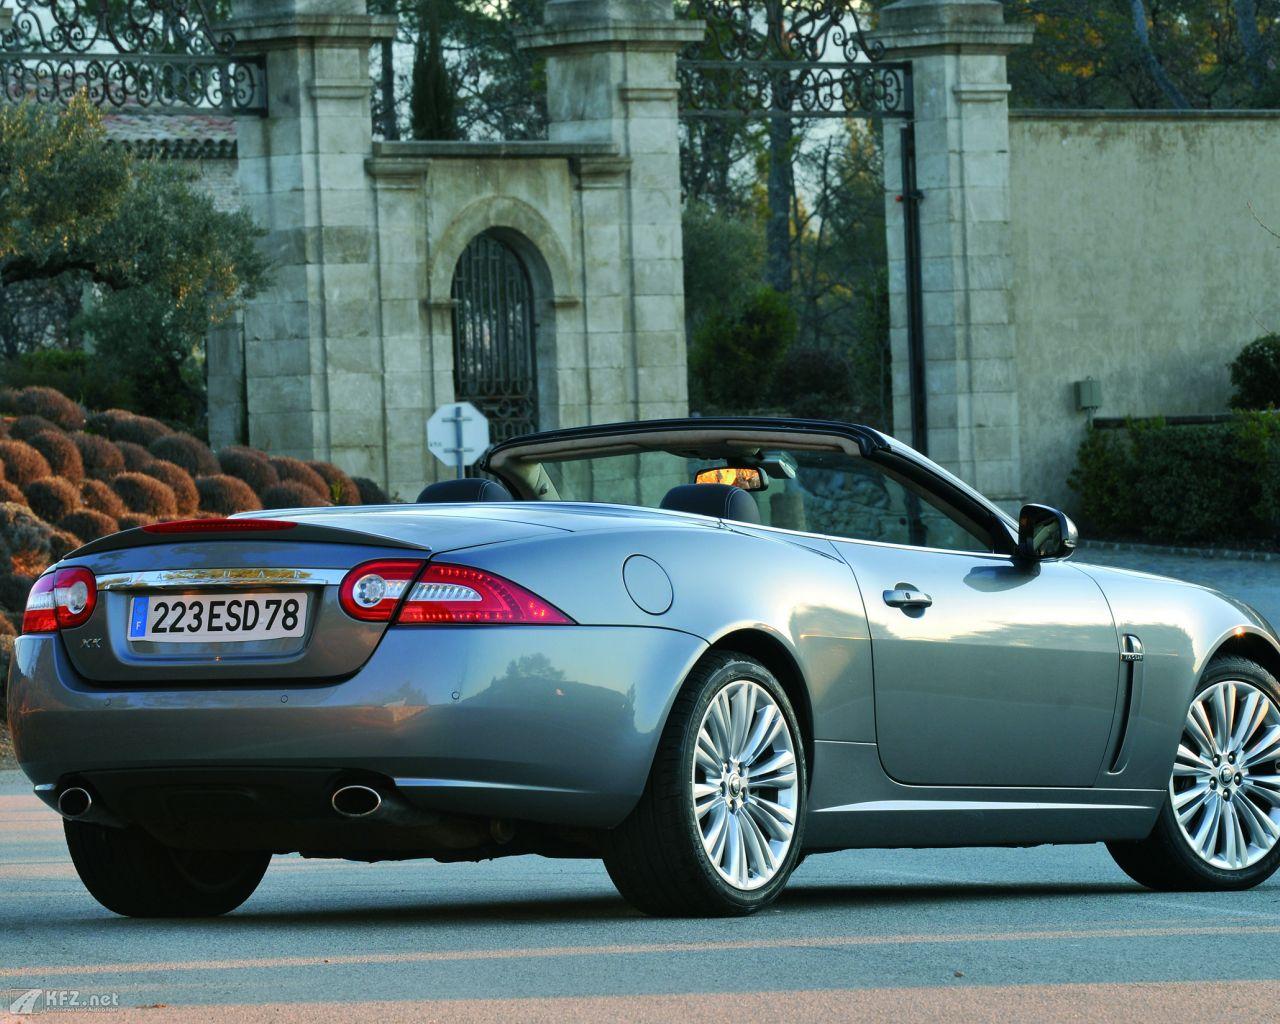 jaguar-xk8-1280x1024-16